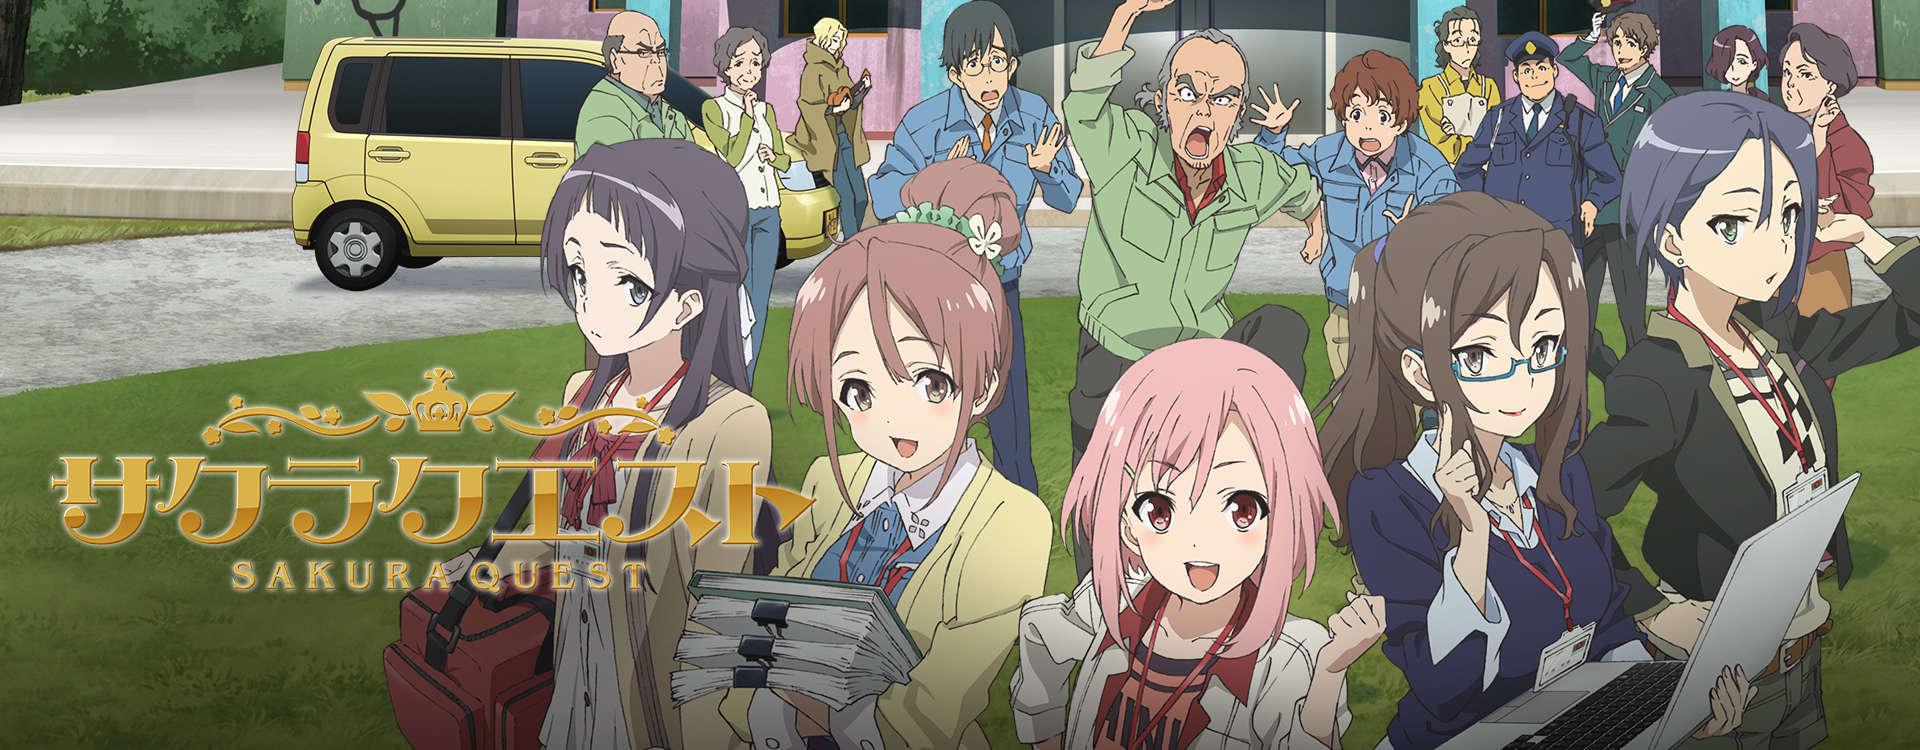 Cover image of Sakura Quest (Dub)